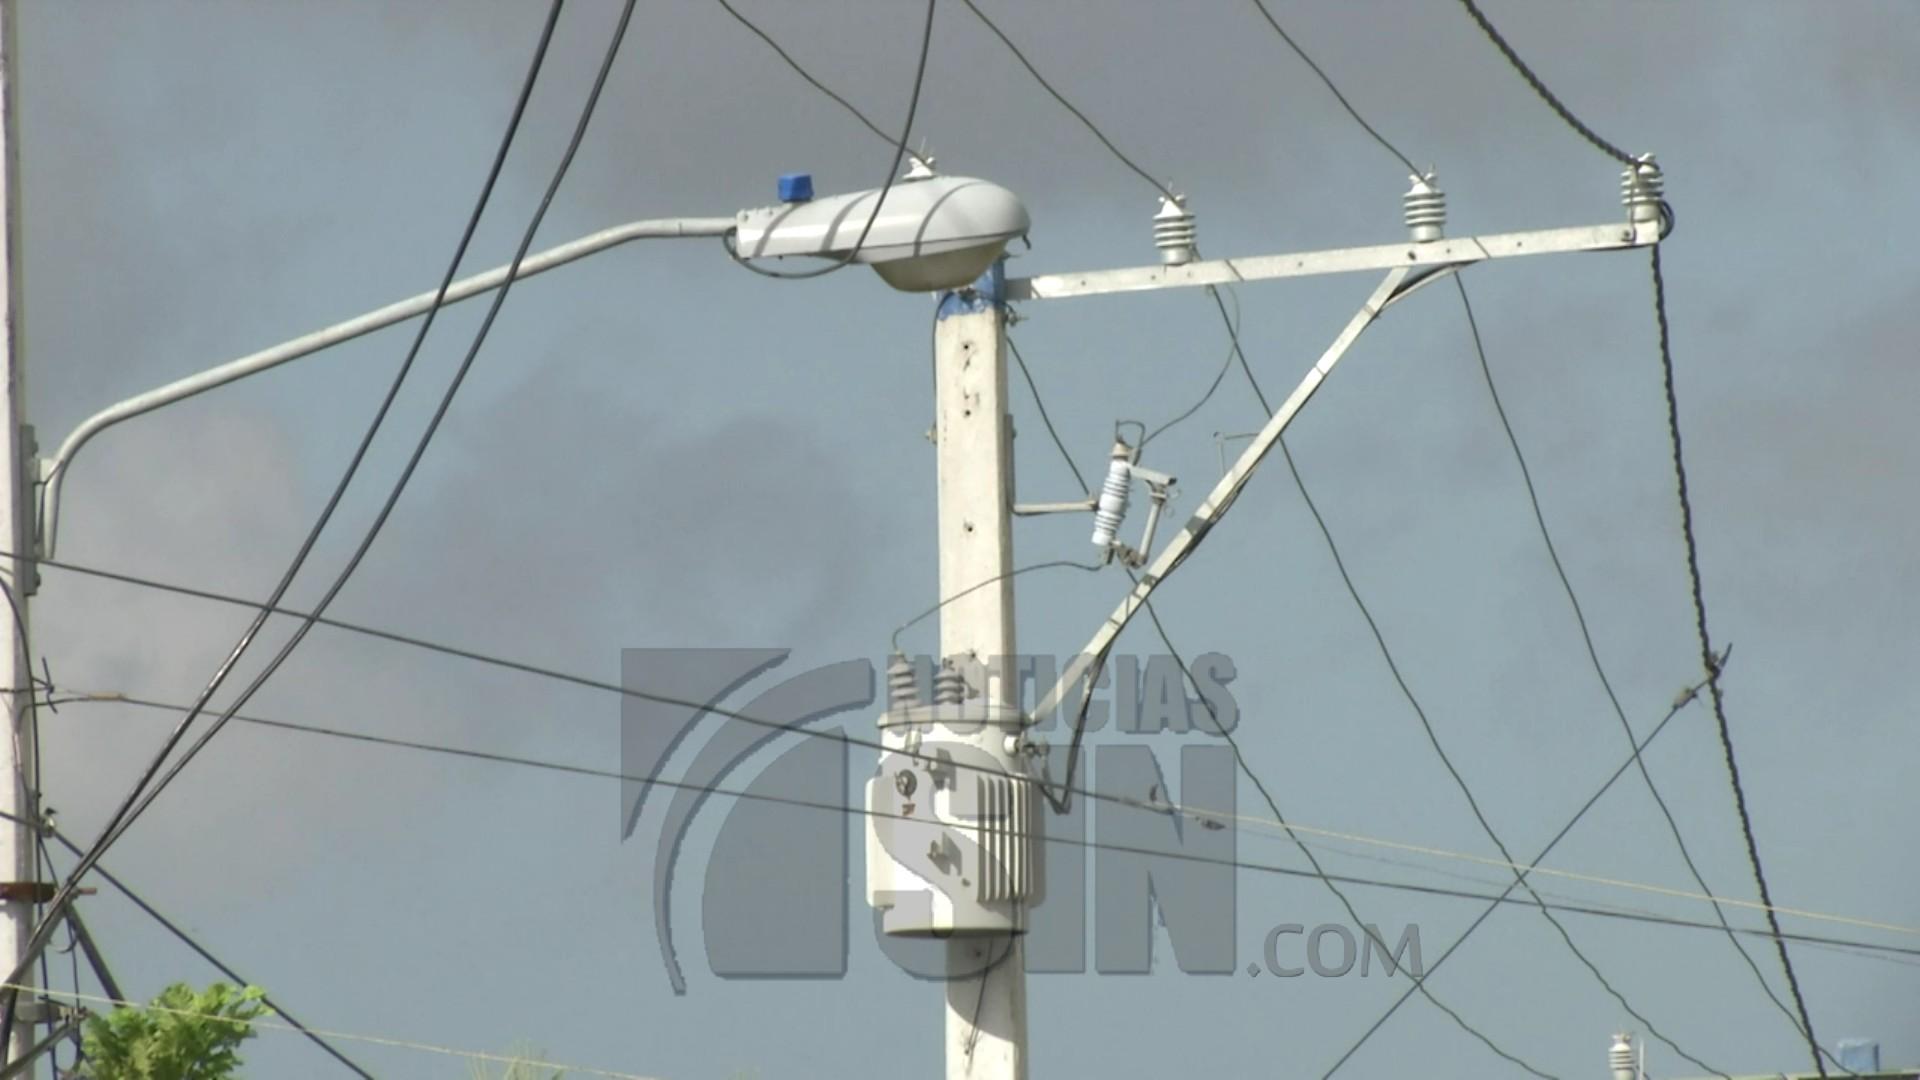 Ponen en funcionamiento extensión de redes eléctricas en Moca